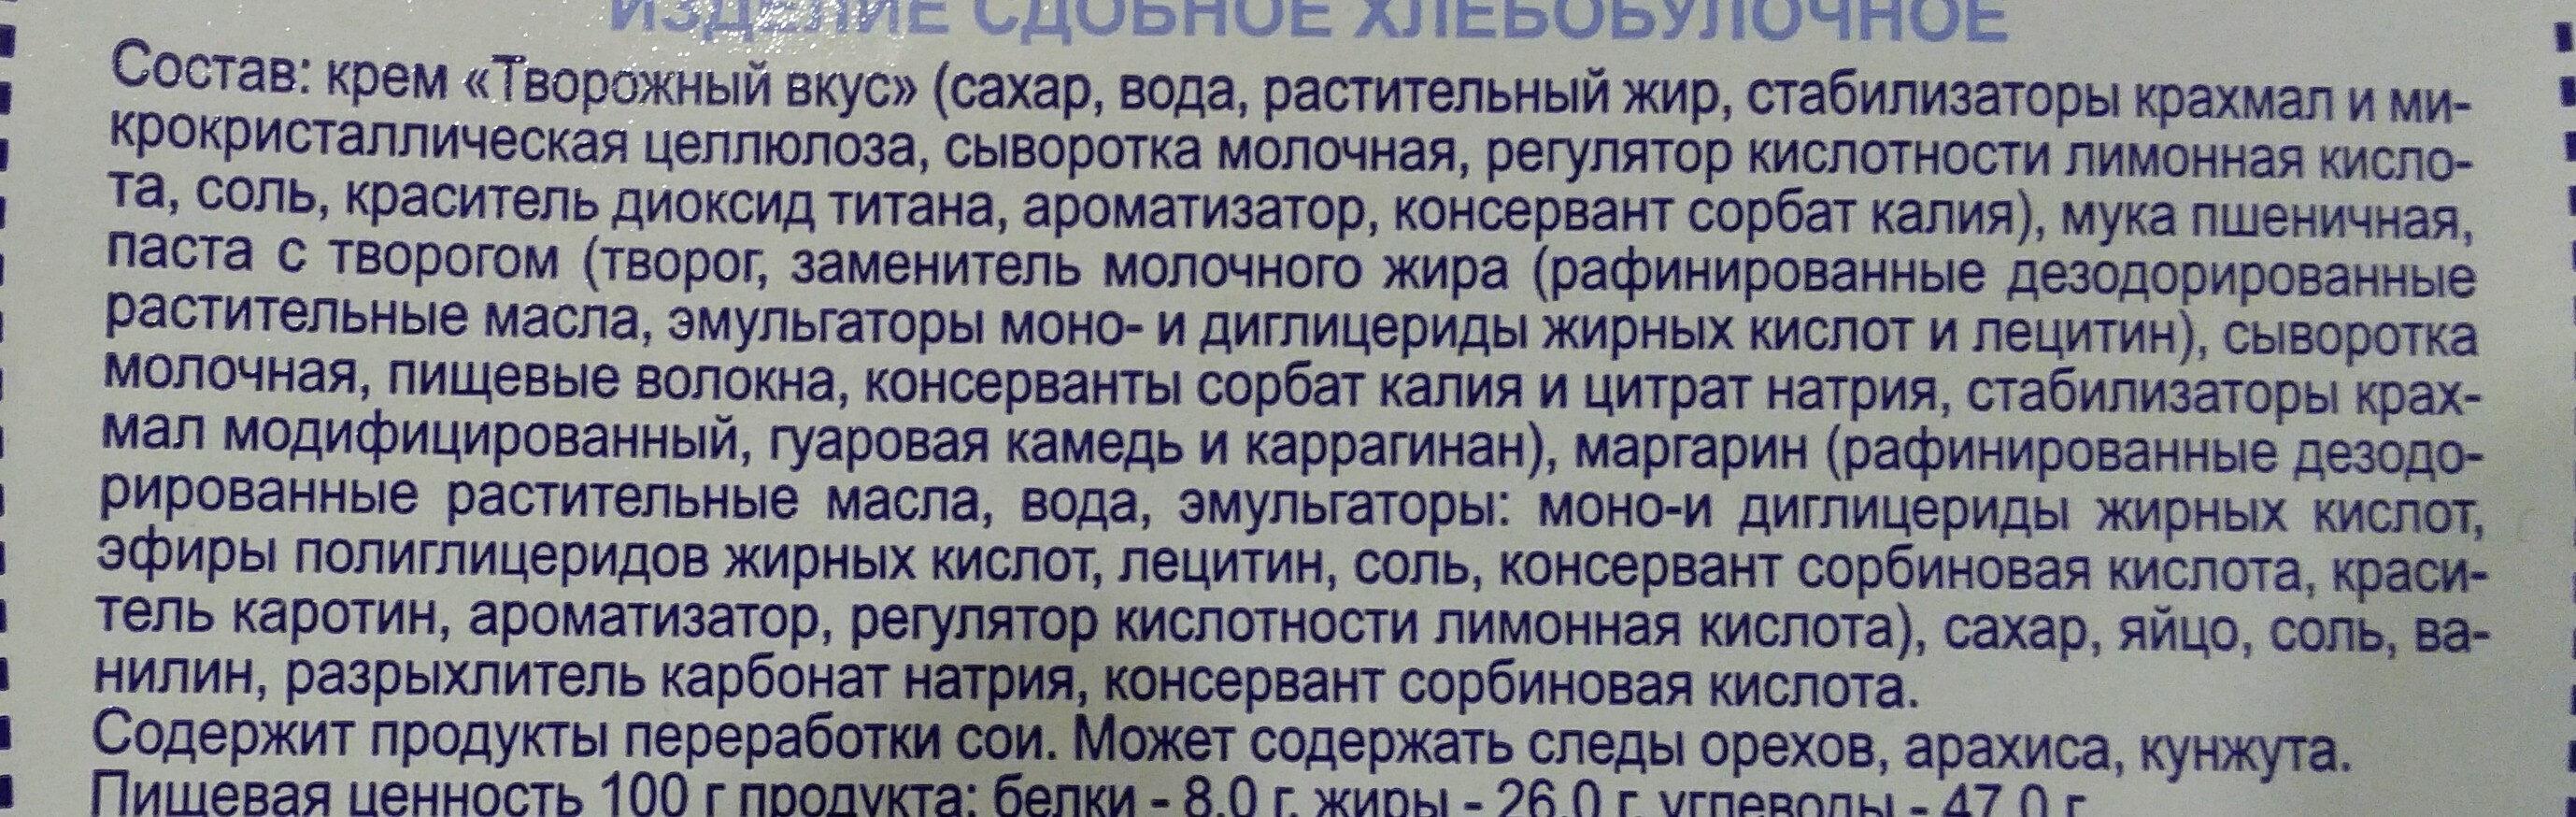 Гольдис творожный вкус - Ingrediënten - ru